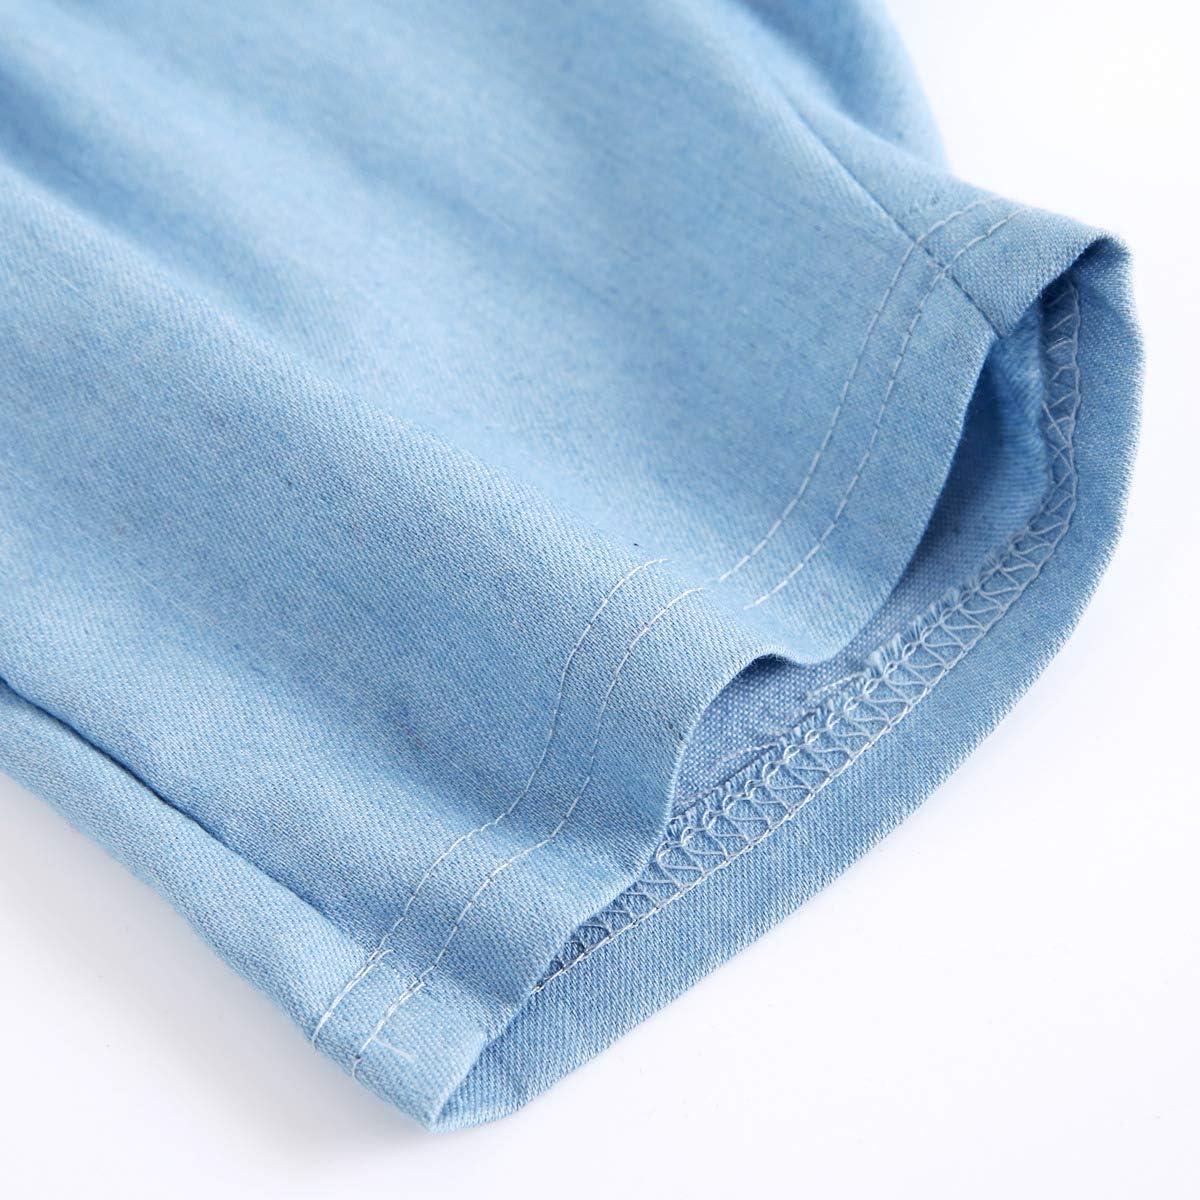 Bebe Shorts 2pcs Casual Set De Bebe Sanlutoz Algodon Bebe Nino Pantalones Cortos Conjuntos Verano Bebe Bodys Ropa Mk Primaria Ro